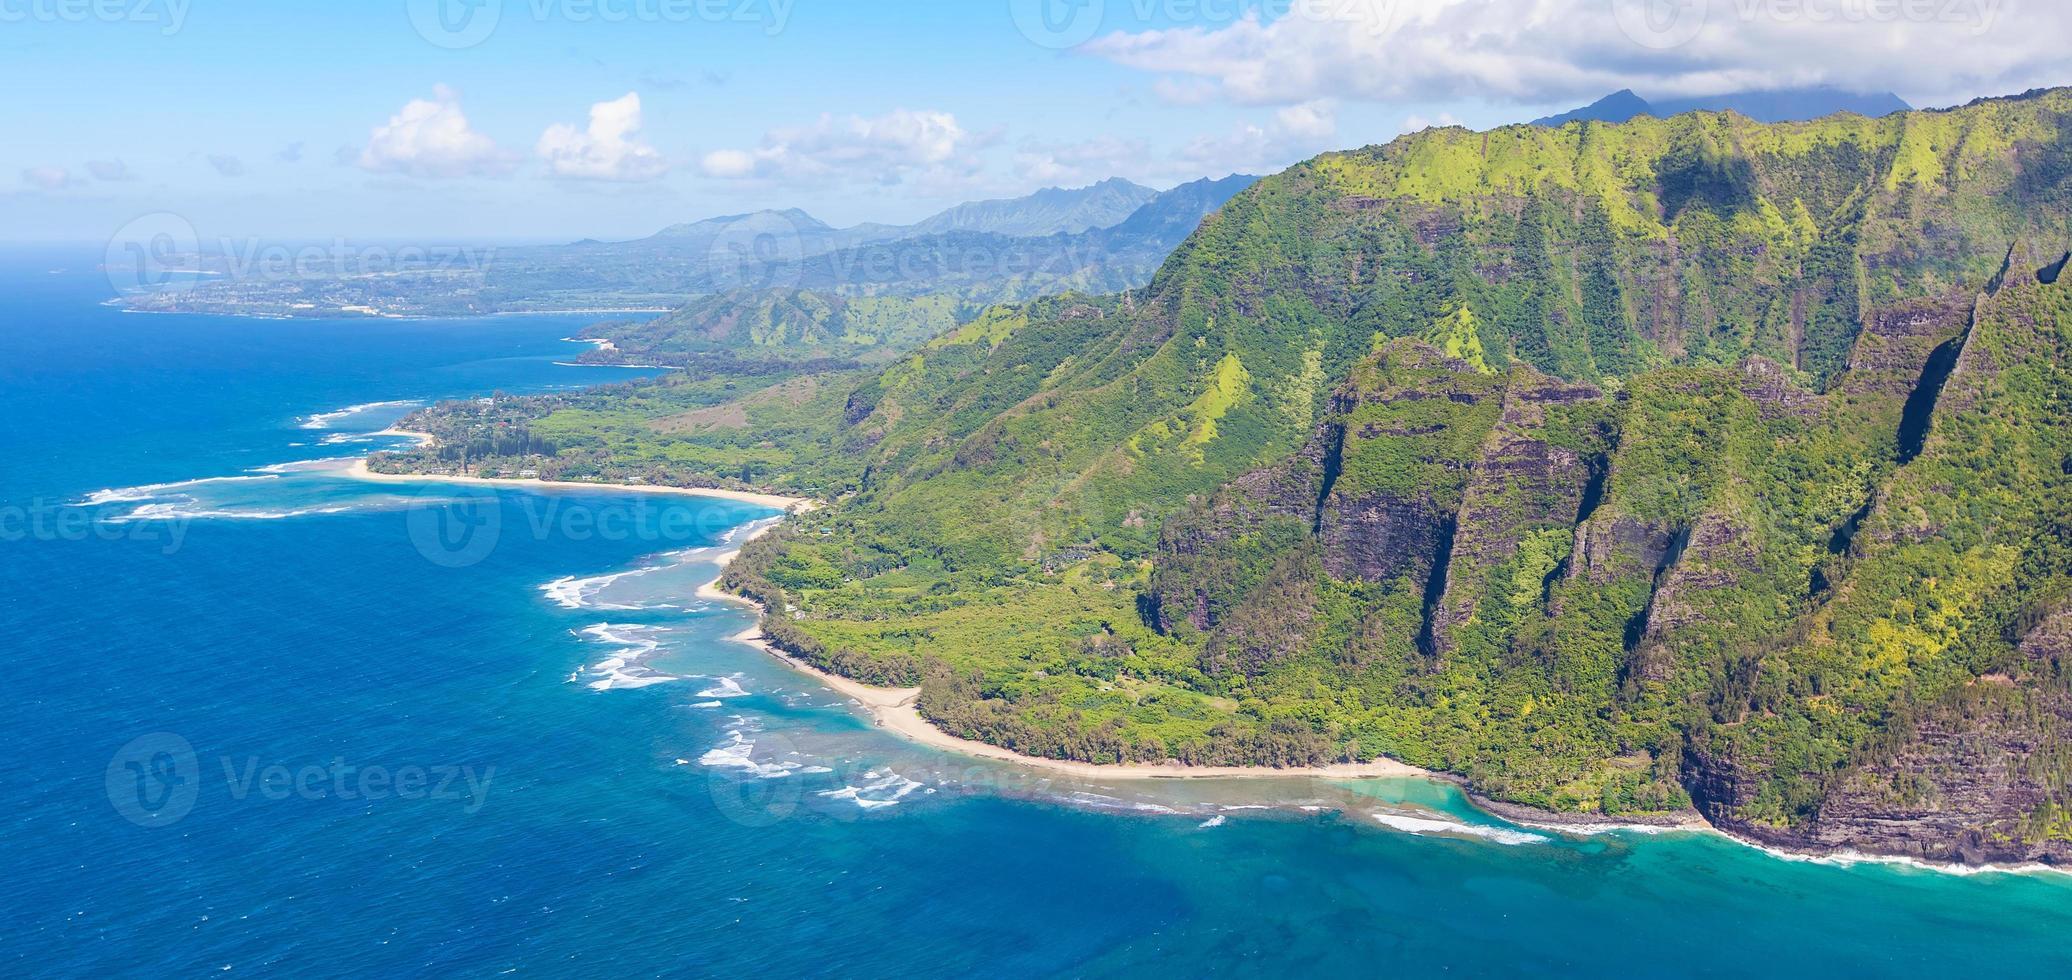 Kauai-eiland foto